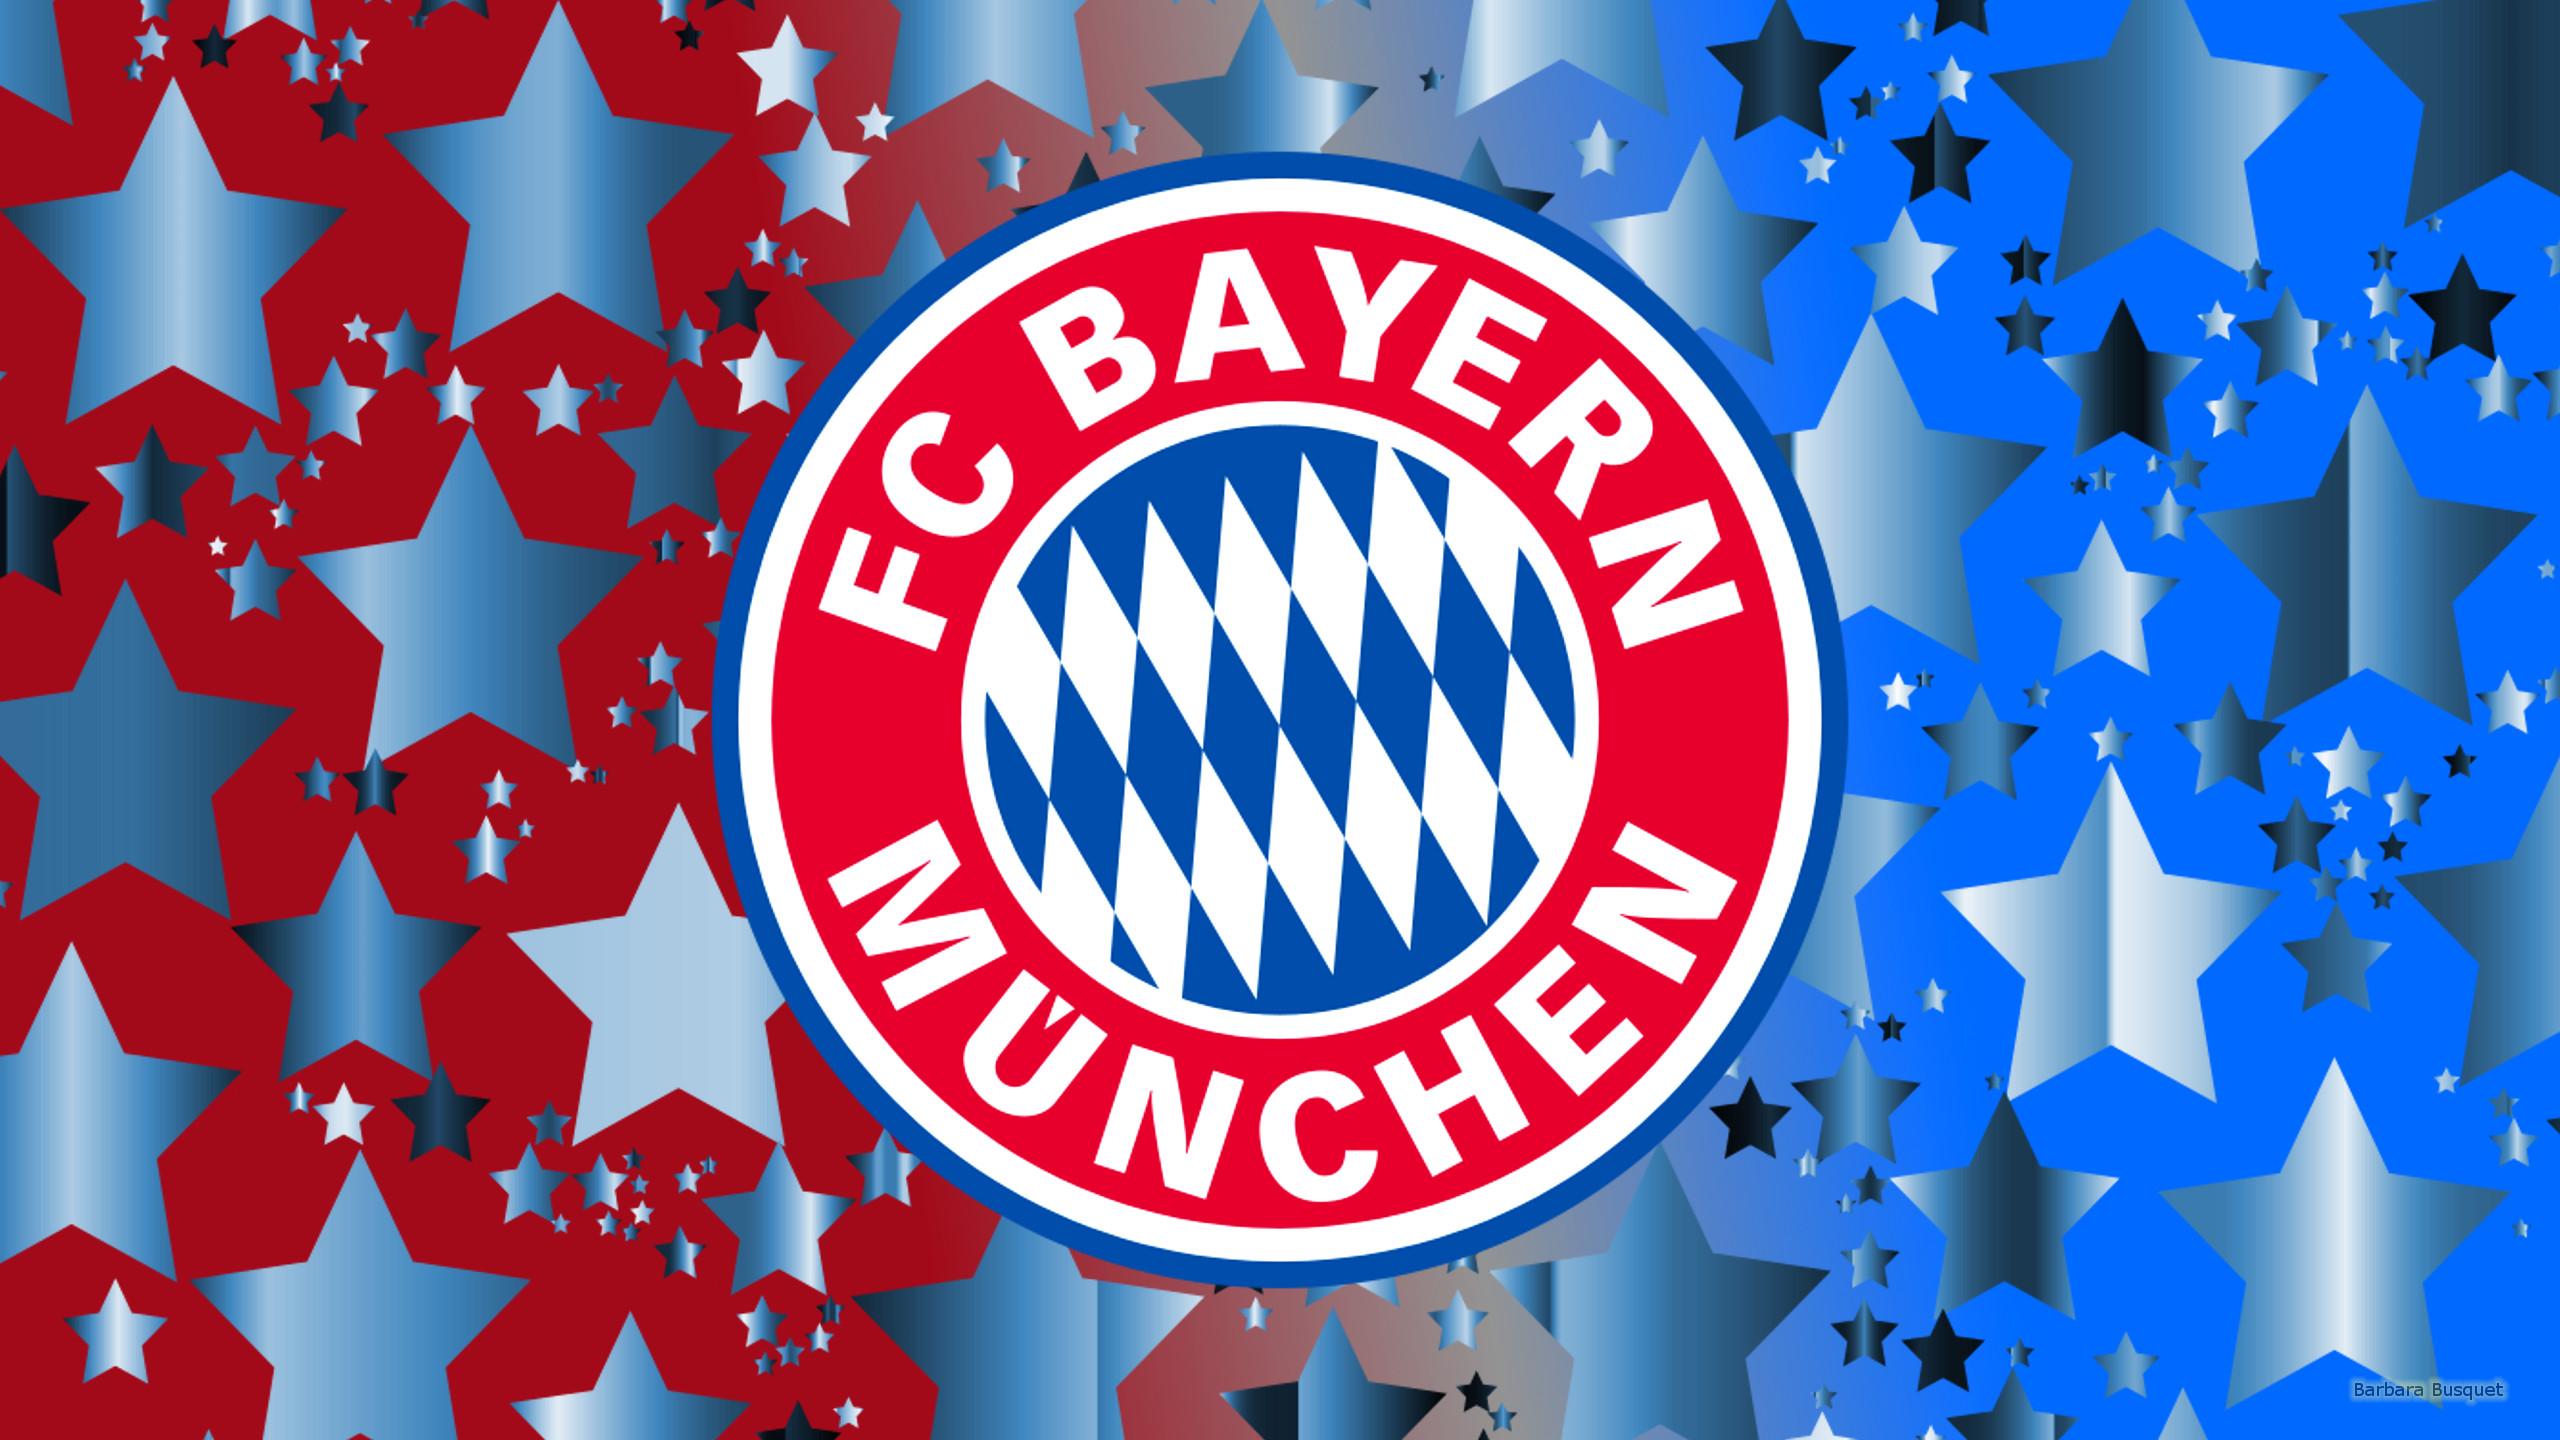 bayern munchen wallpapers